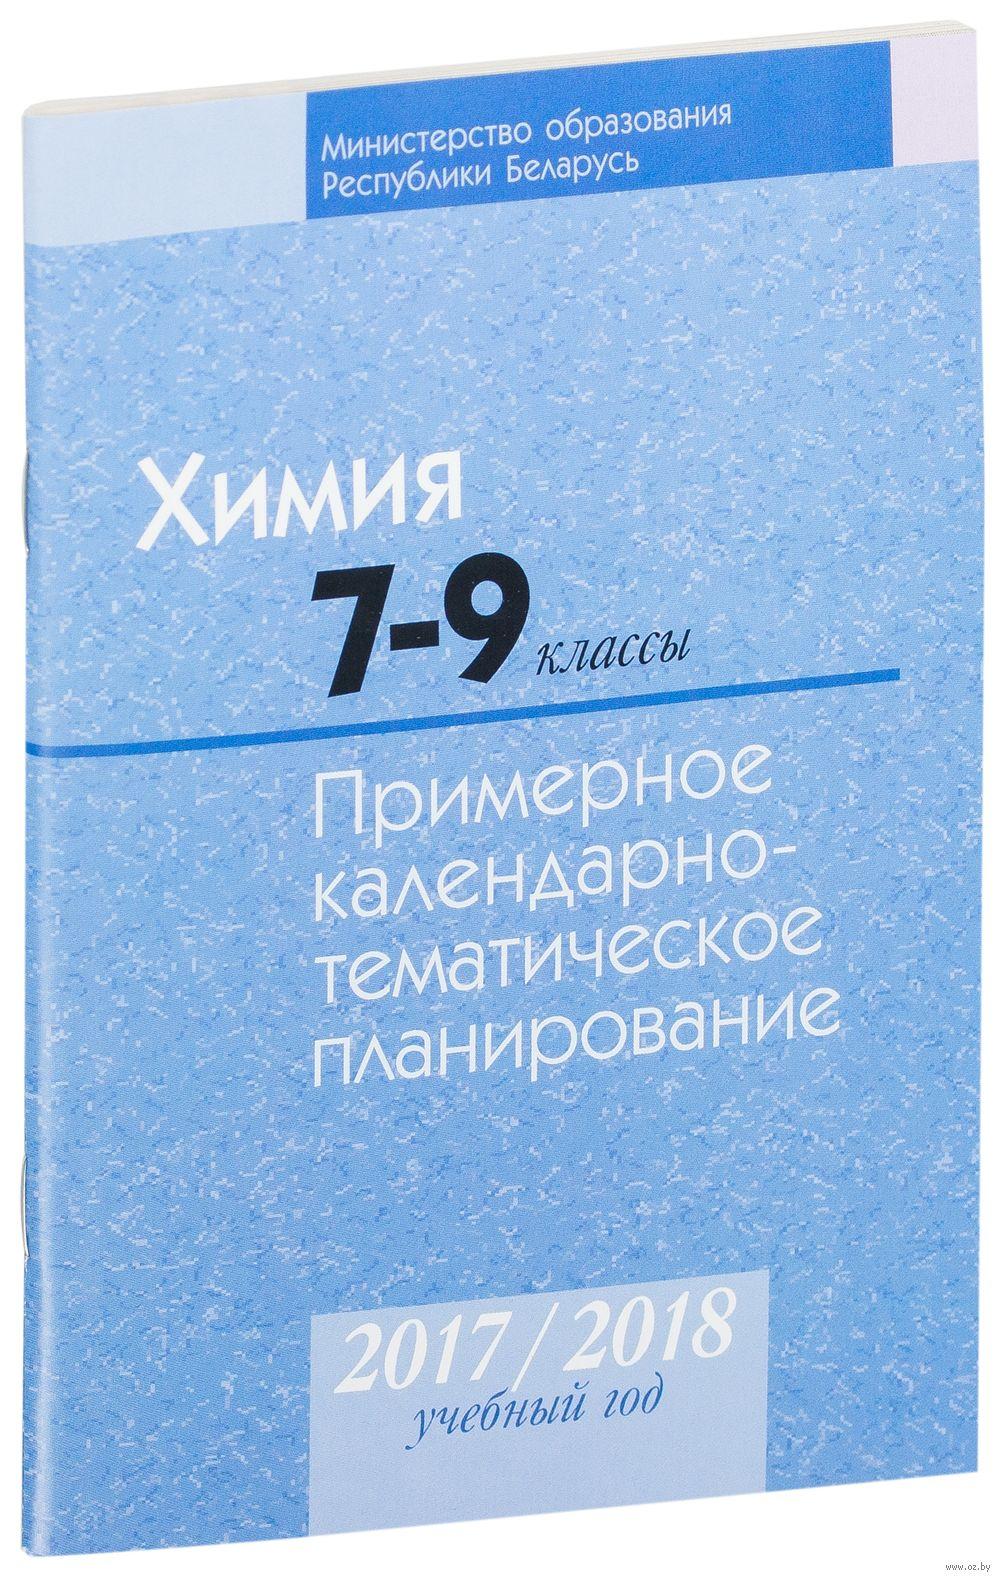 Календарно-тематическое планирование по химии по ахметова 8 класс